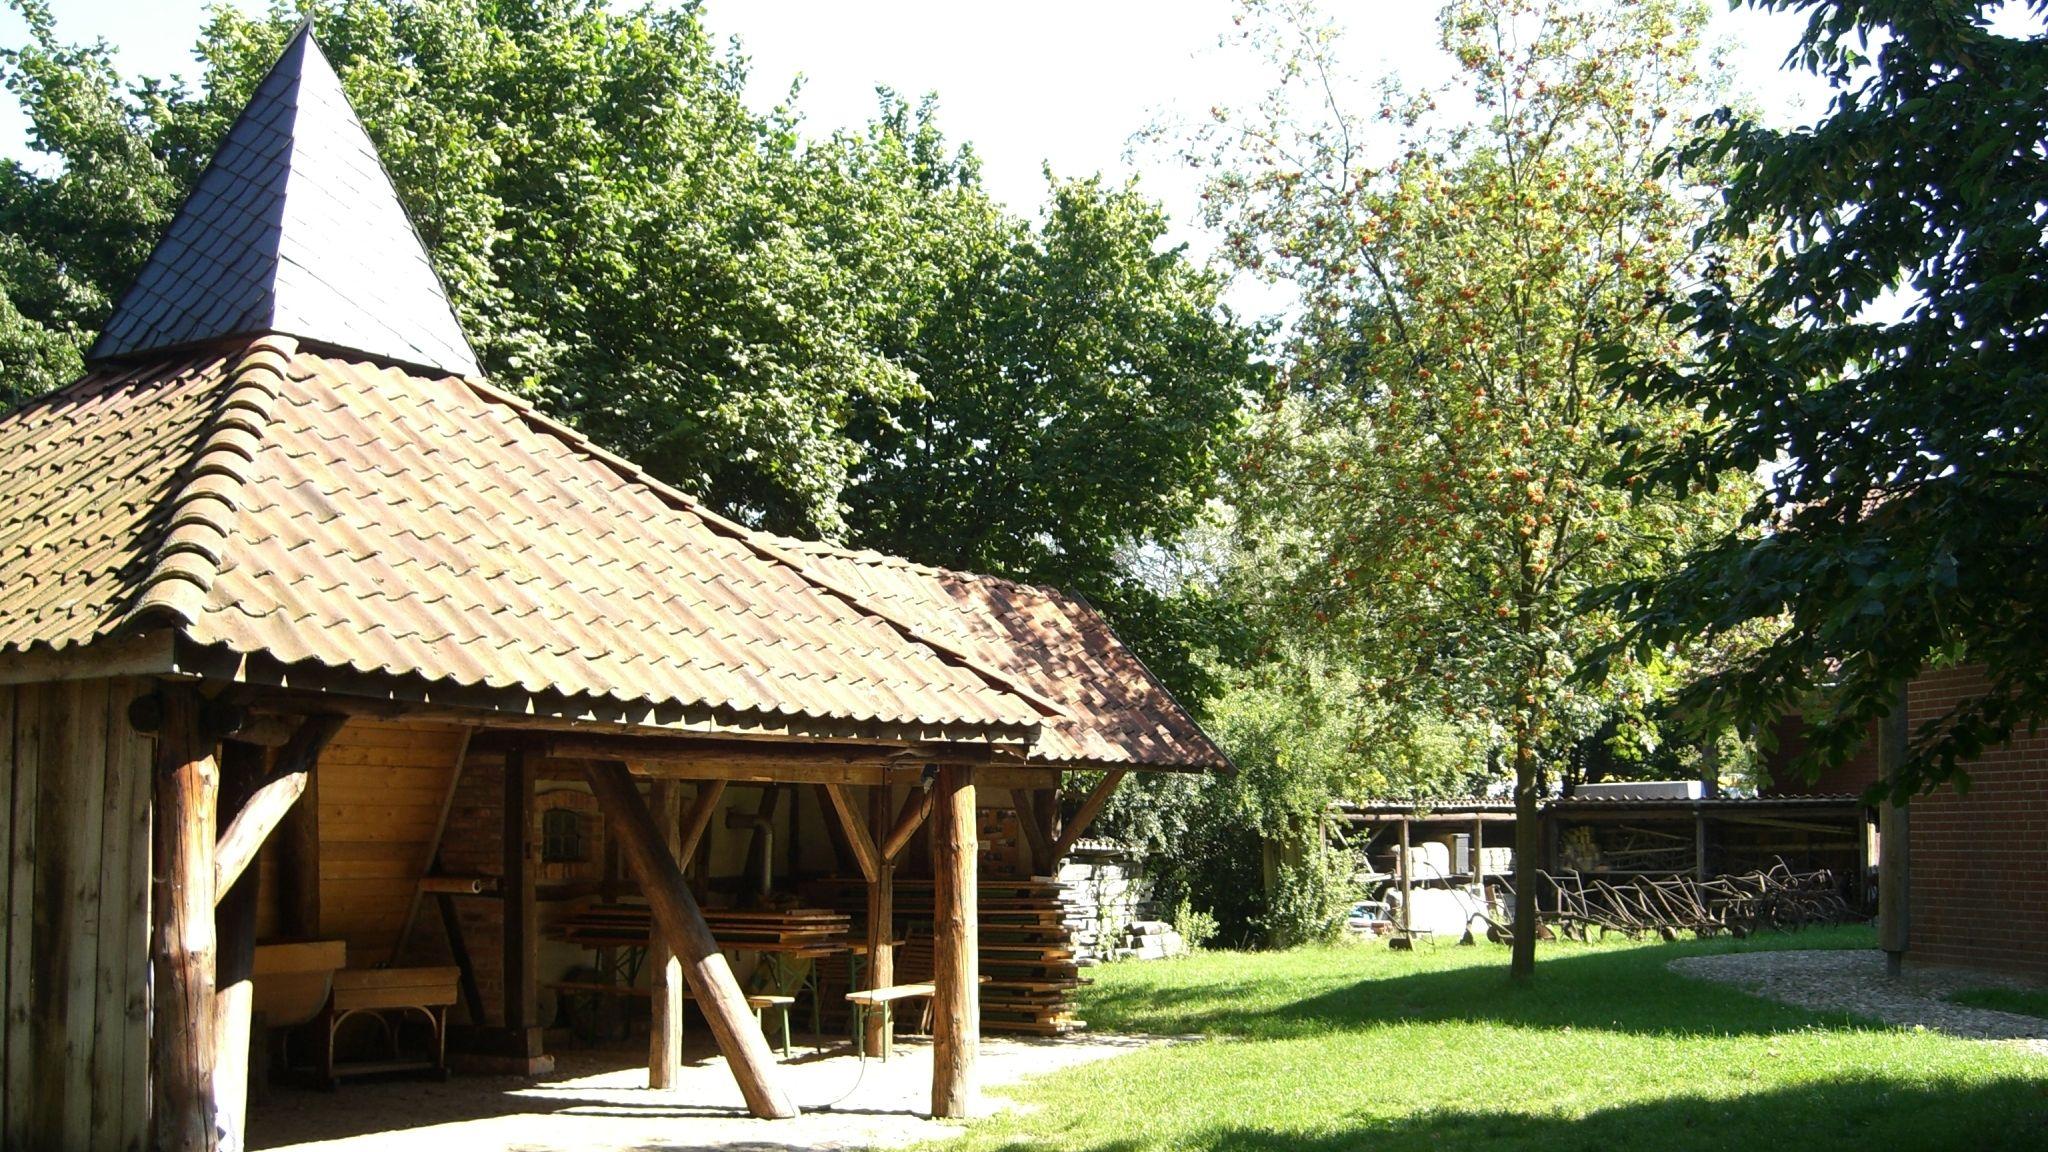 heimatmuseum-hermannsburg-lehmbackofen-a